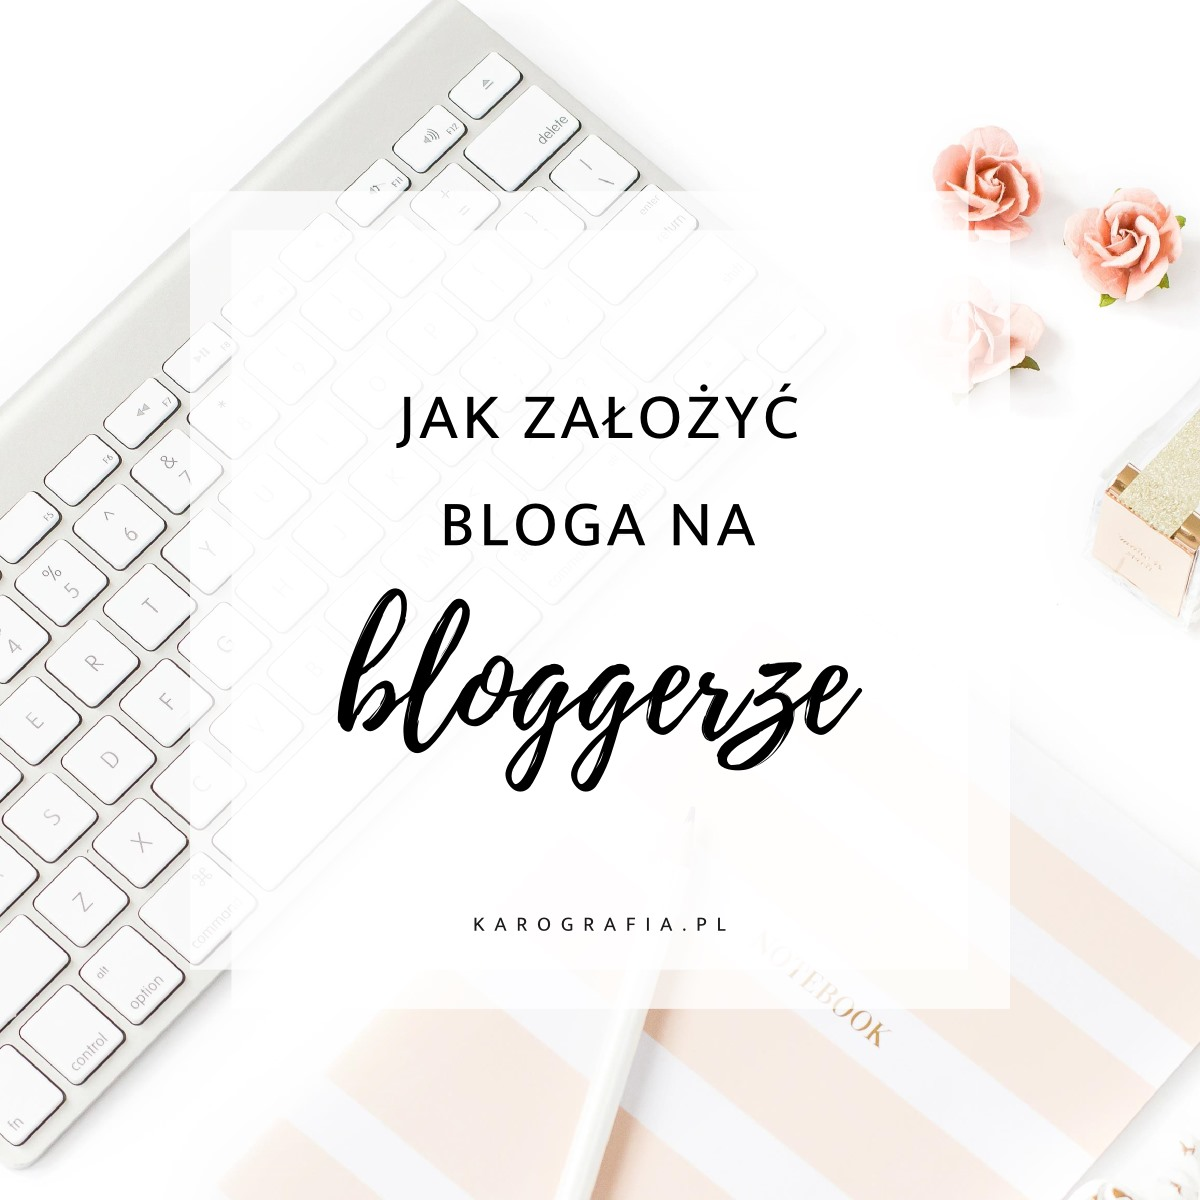 Jak założyć bloga na bloggerze (blogspocie) i wgrać pierwszy szablon?